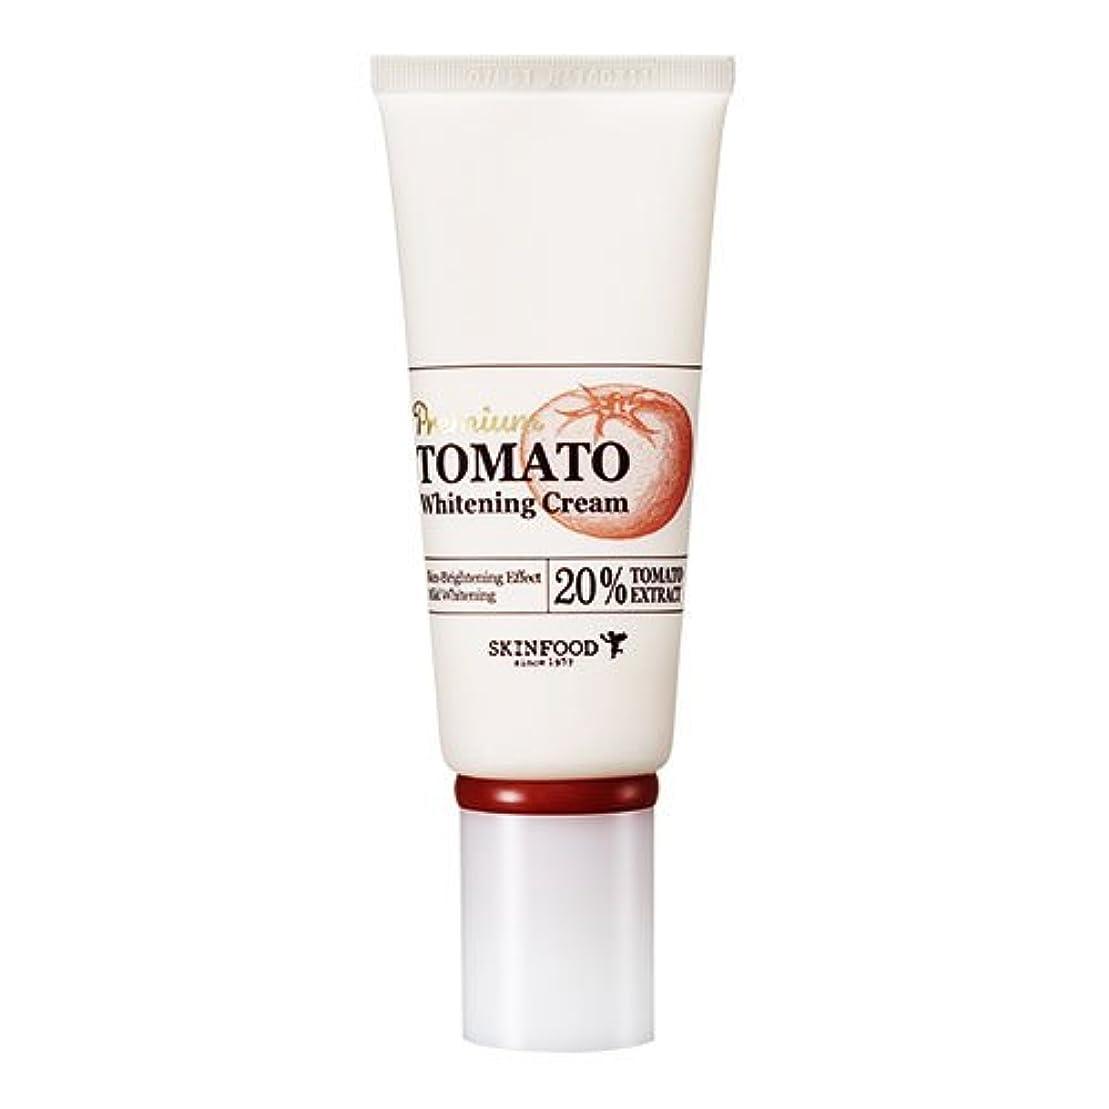 リーダーシップファンドネックレスSkinfood プレミアムトマトホワイトニングクリーム(美白効果) / Premium Tomato Whitening Cream (Skin-Brightening Effect) 50g [並行輸入品]